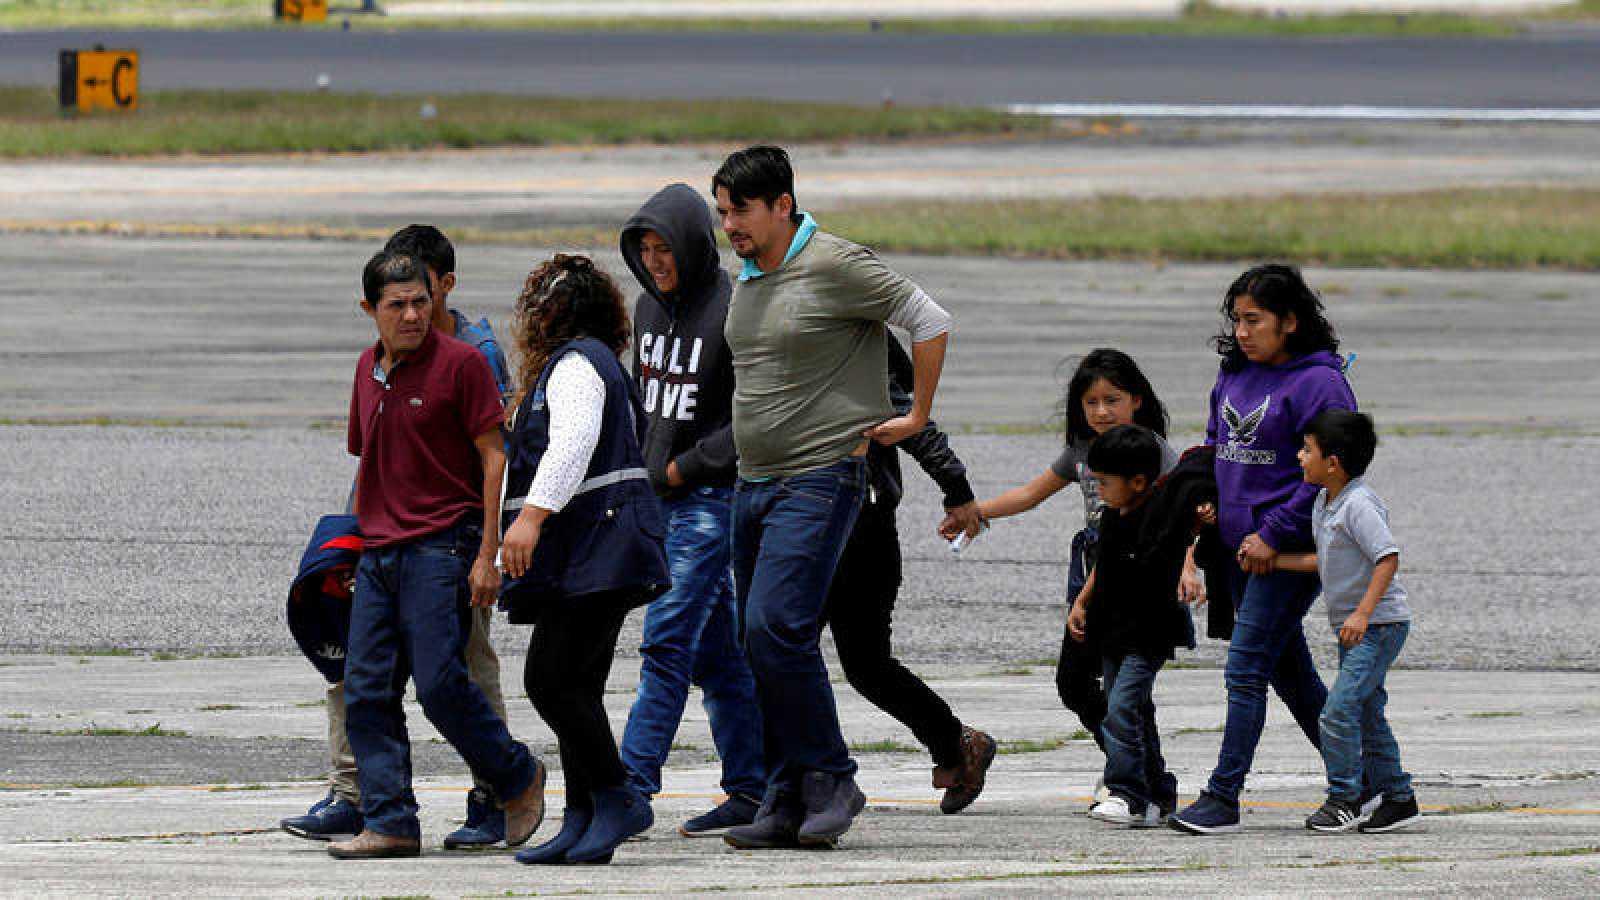 Familias de emigrantes guatemaltecos devueltos a su país desde EE.UU.REUTERS/Luis Echeverria